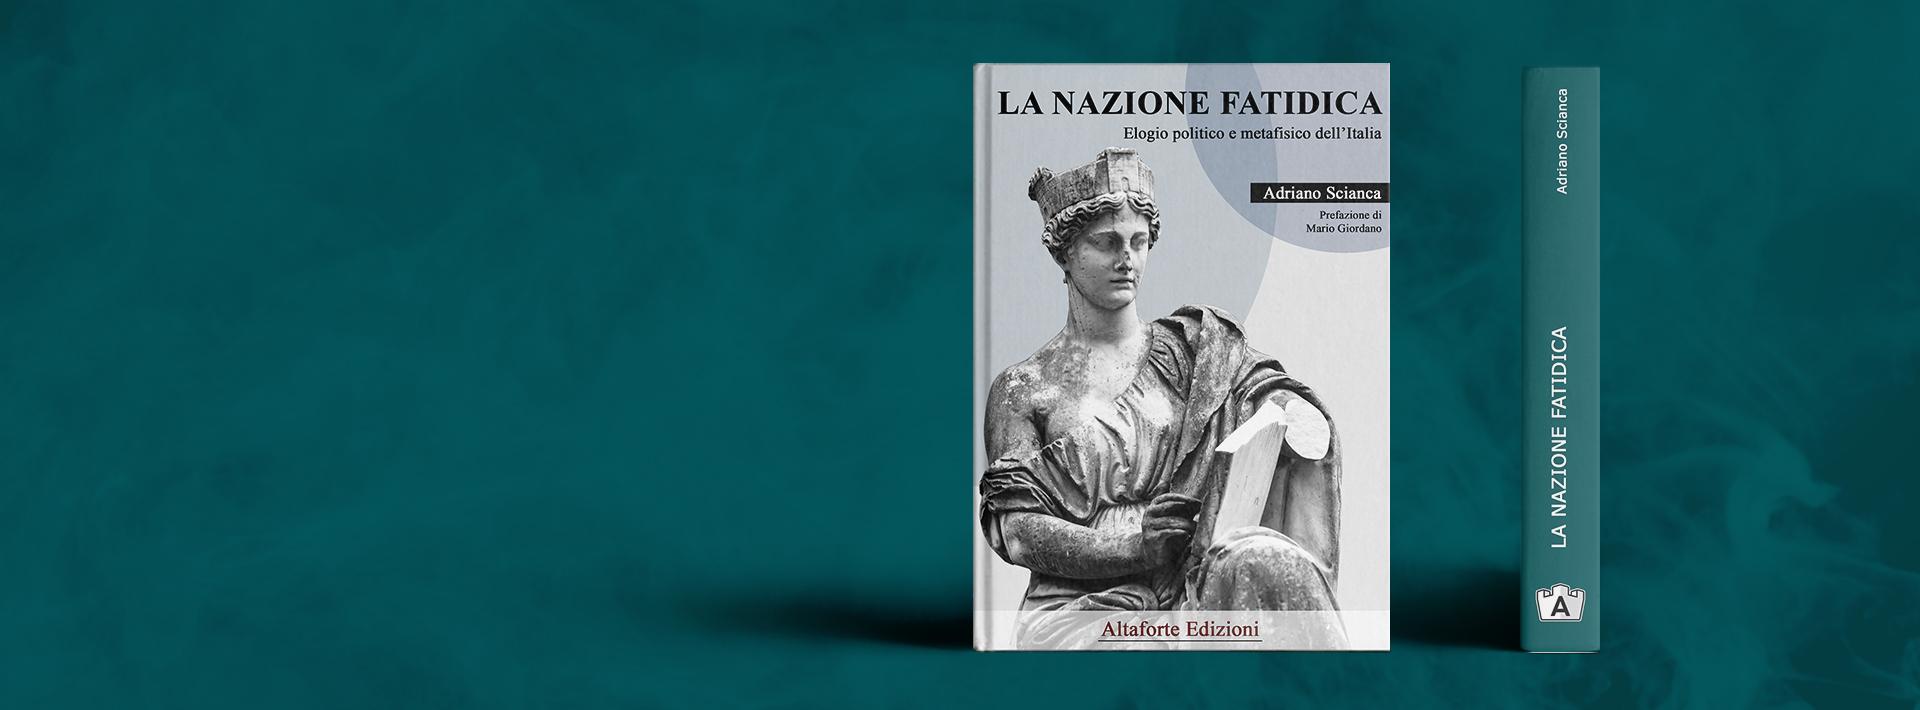 La Nazione Fatidica - Altaforte Edizioni